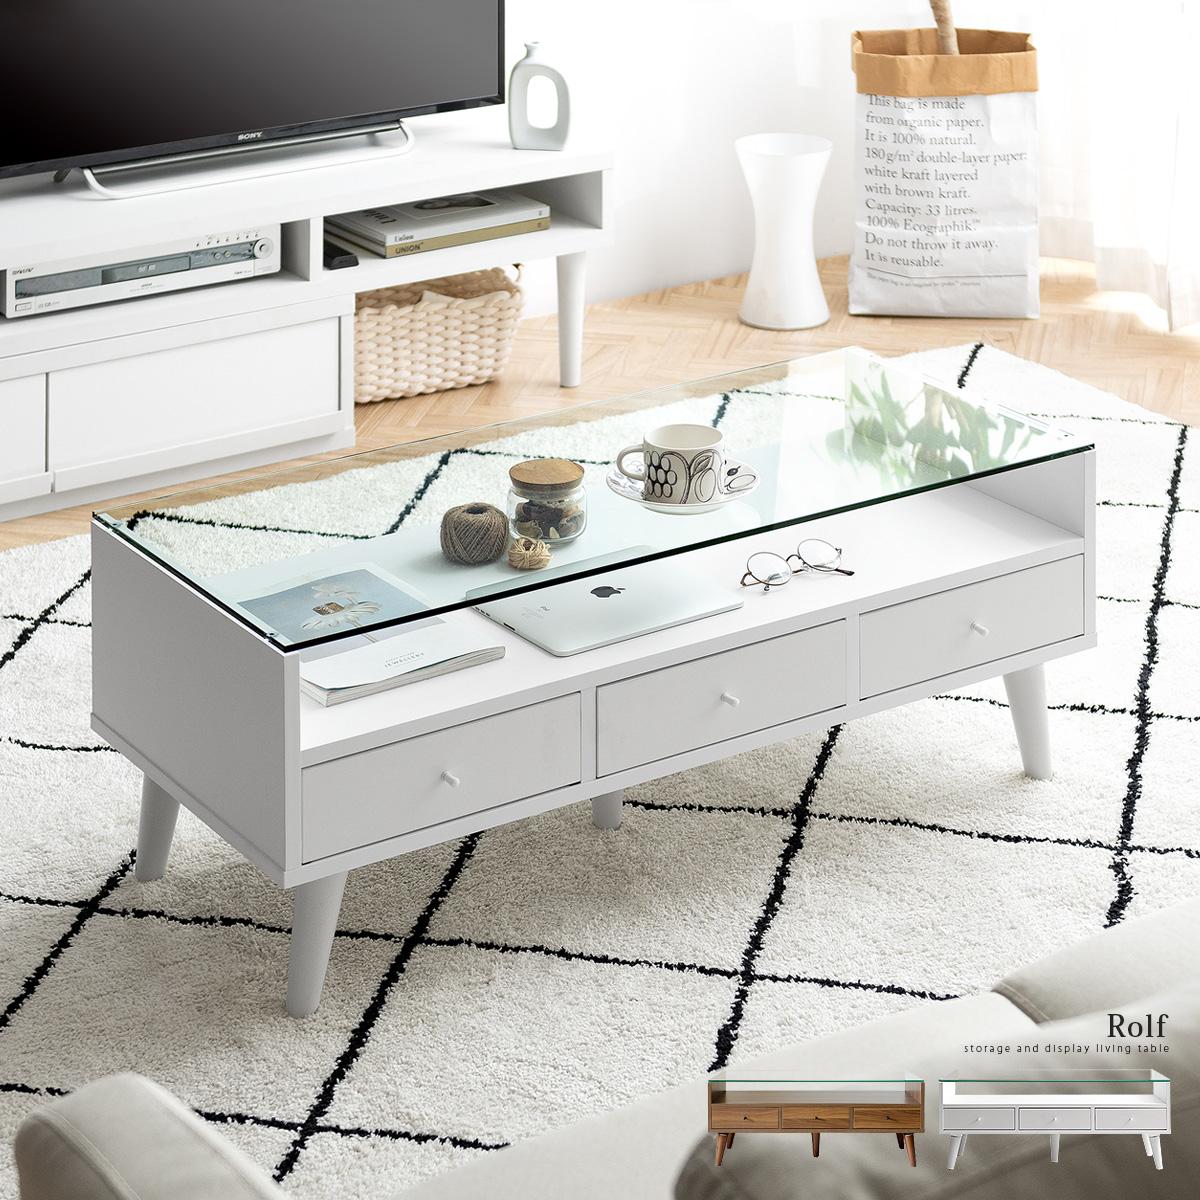 テーブル ローテーブル 北欧 引き出し ガラステーブル センターテーブル おしゃれ 一人暮らし リビングテーブル 木製 ナチュラル インテリア モダン シンプル ミッドセンチュリー ガラス 収納付き かわいい| センター デザイン 引き出し付きテーブル リビング